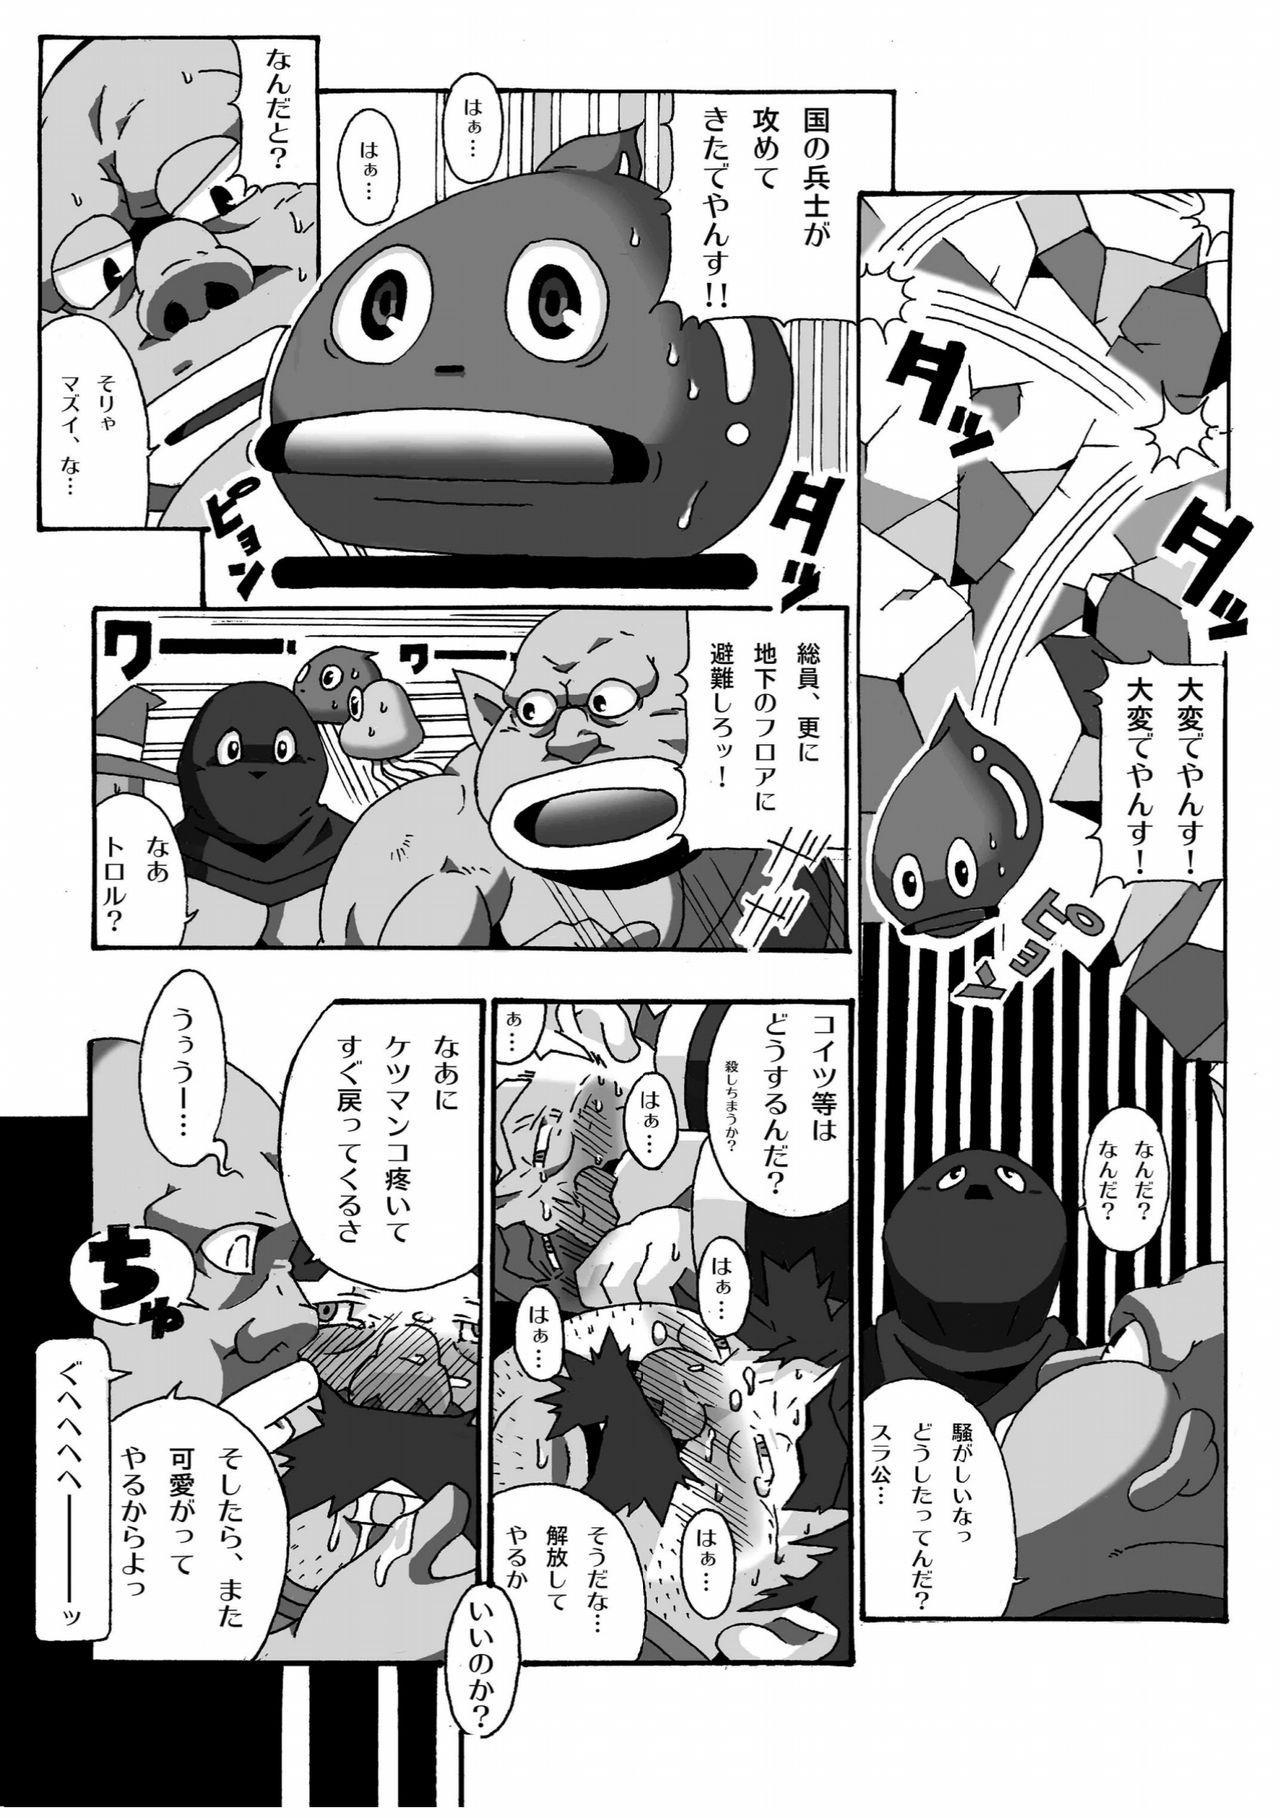 Torneko no Himitsu 15